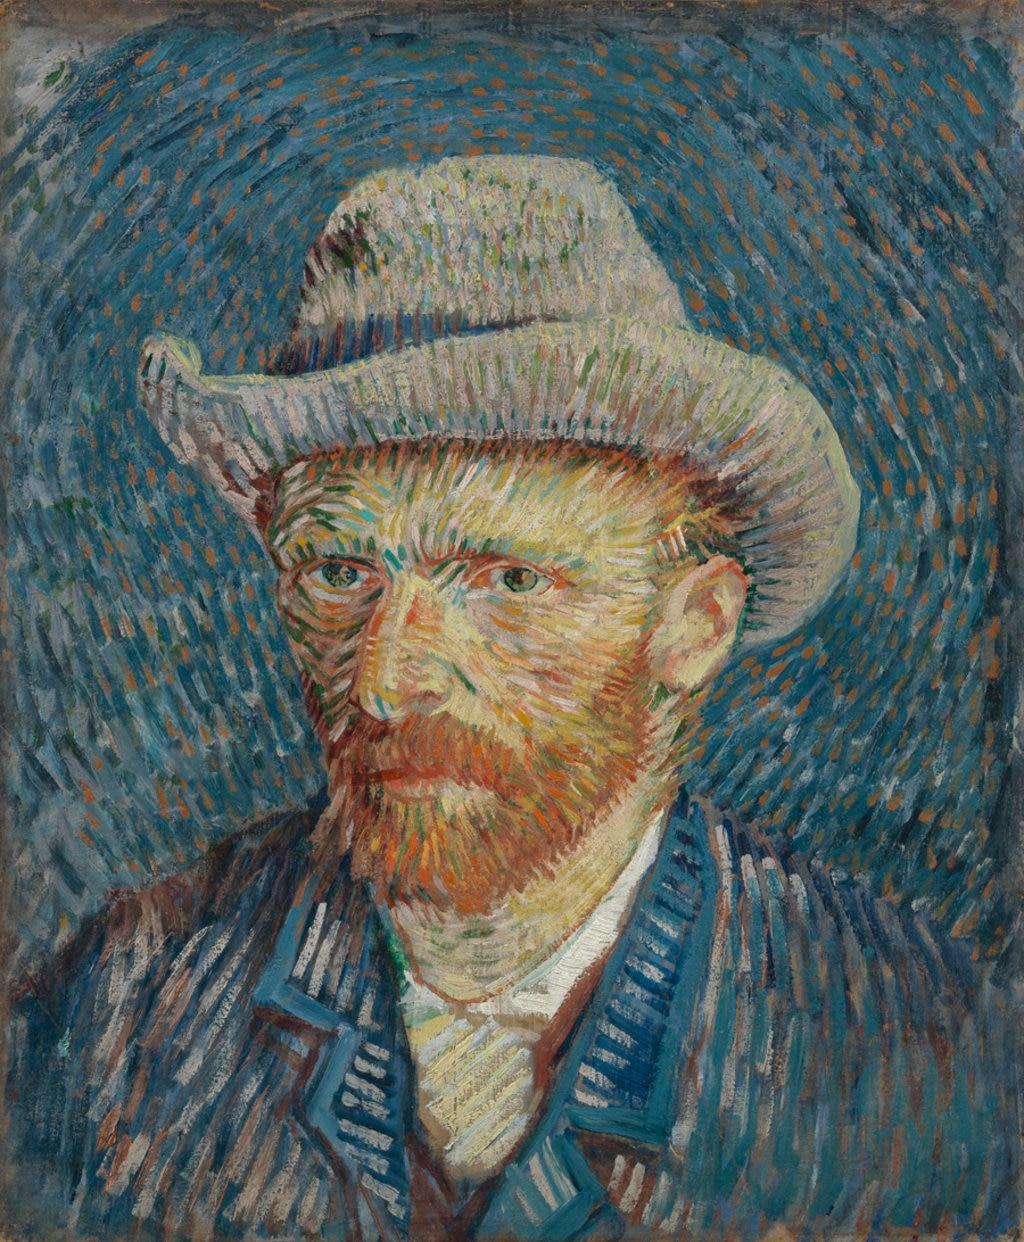 Vincent van Gogh, Autoritratto con cappello di feltro, 1887. Courtesy of the Van Gogh Museum, Amsterdam